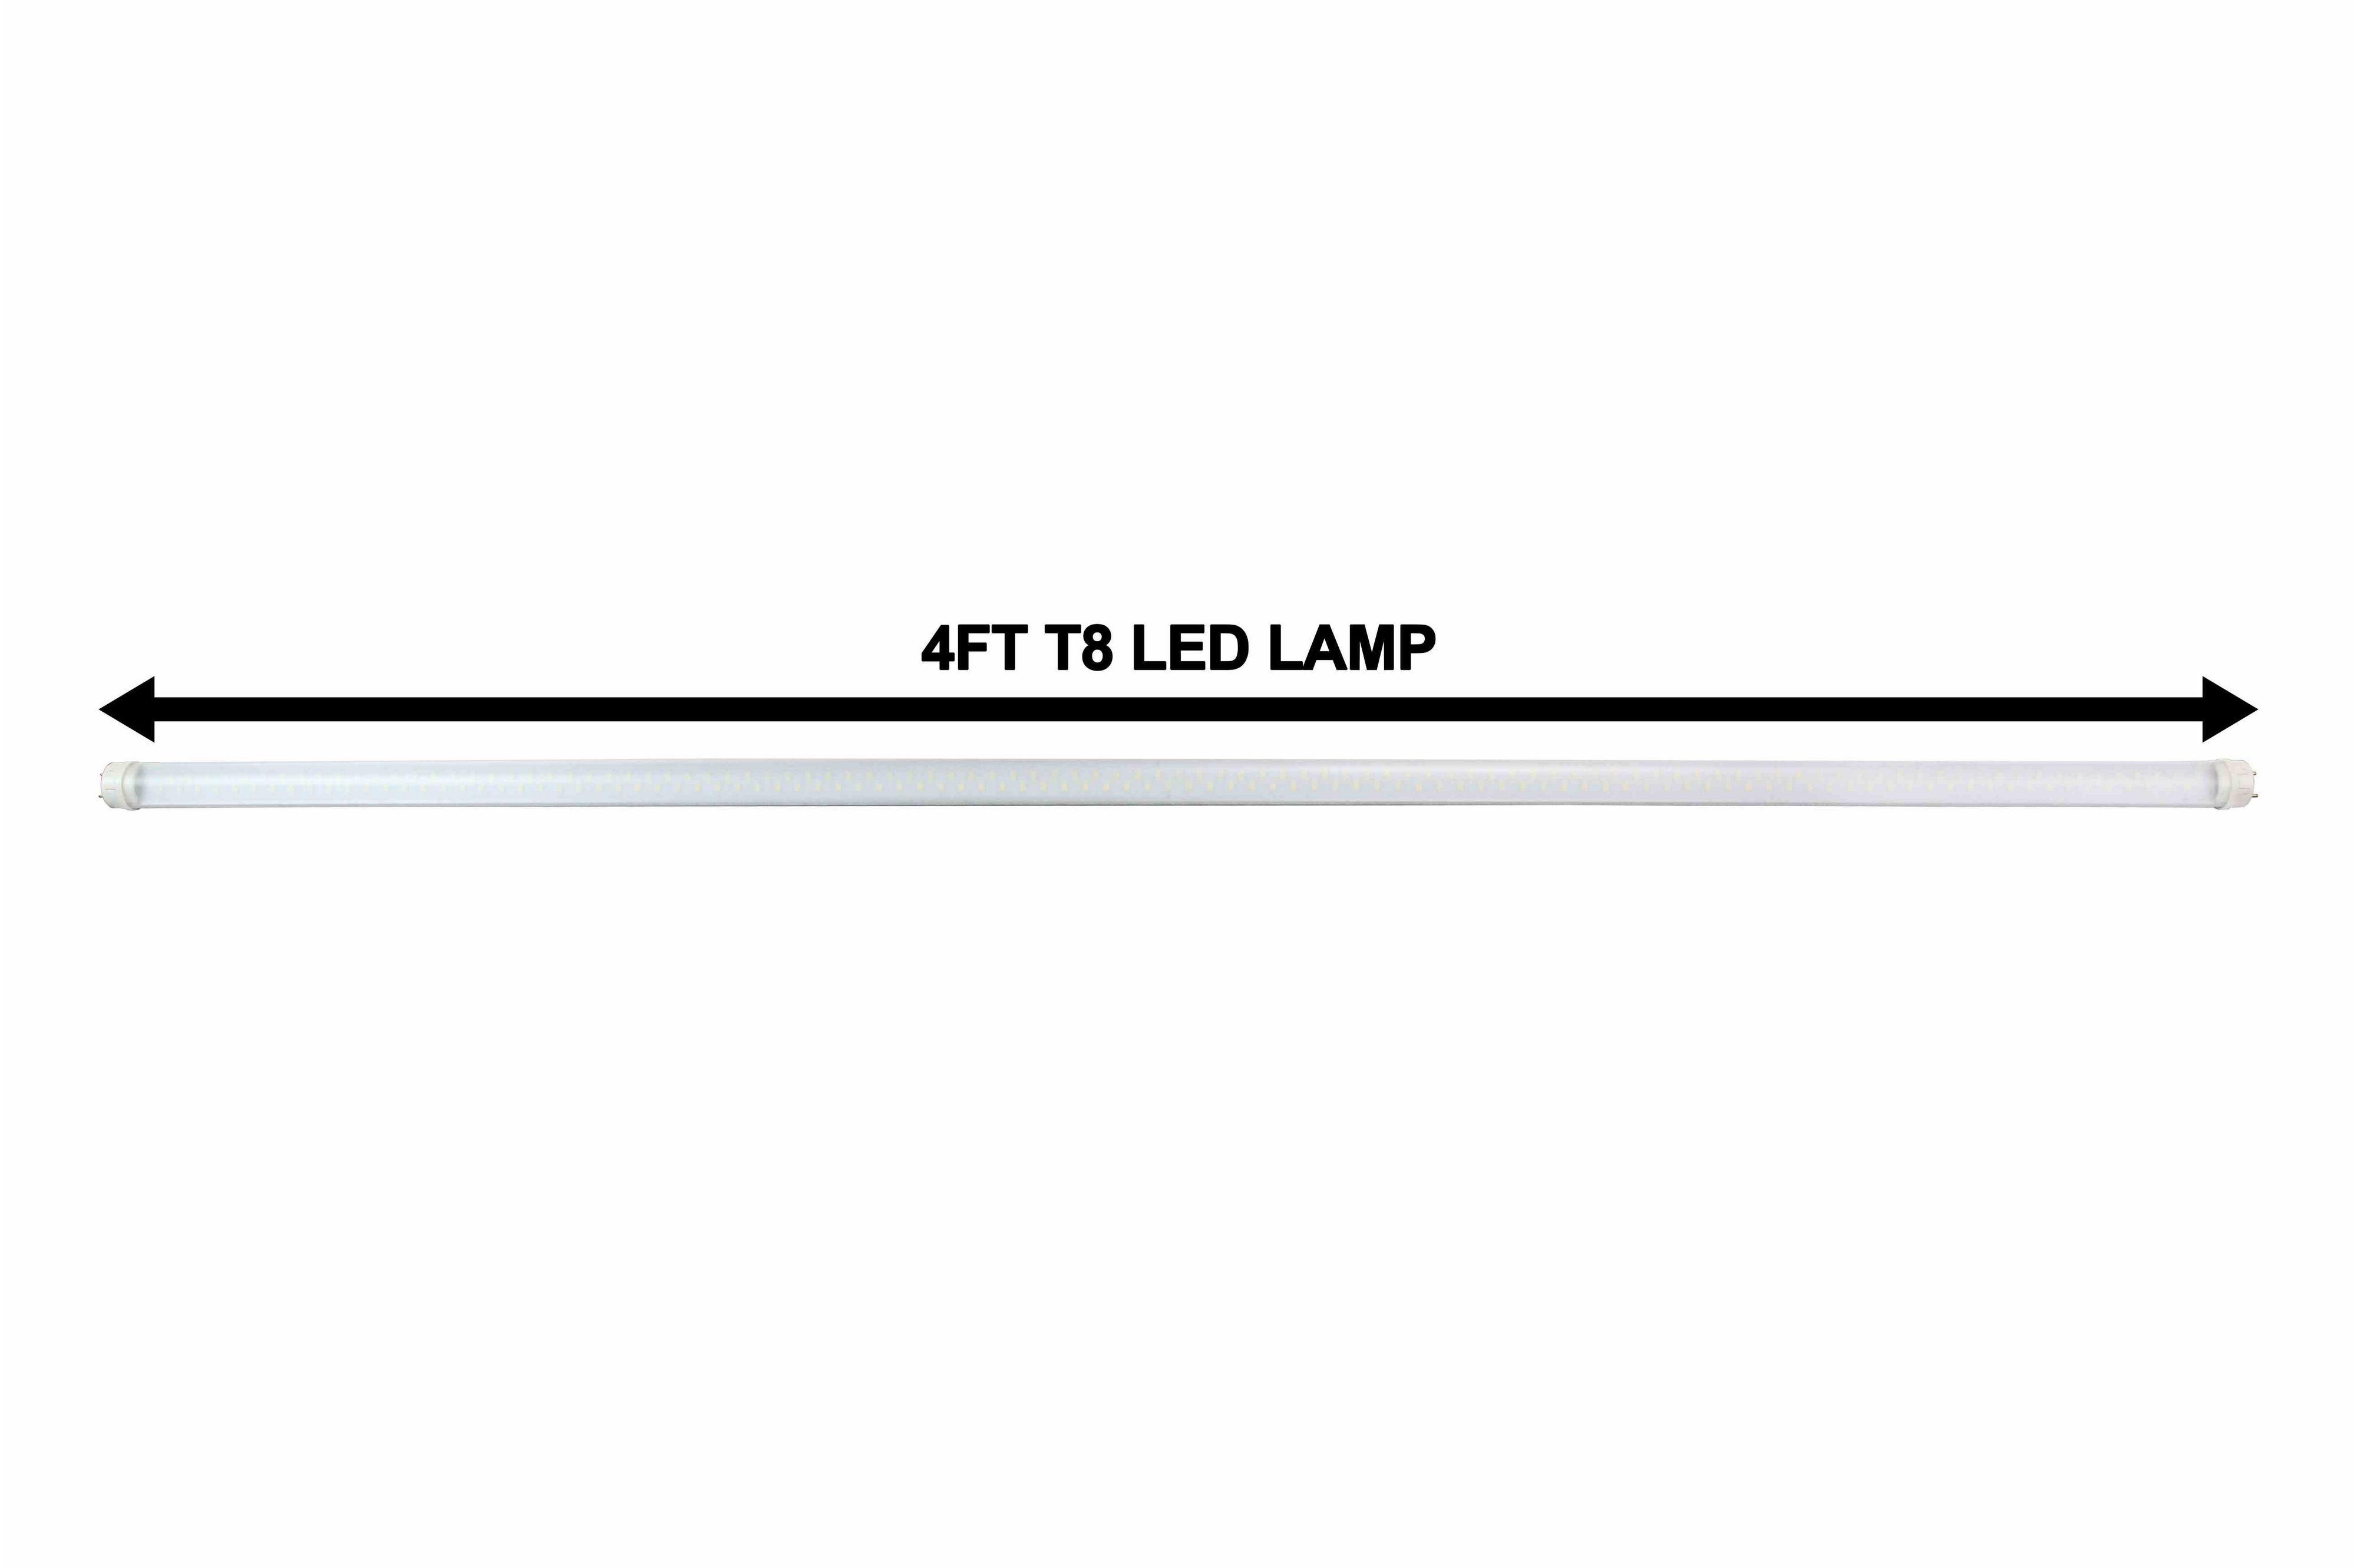 28 watt led bulb - 4 foot t8 lamp